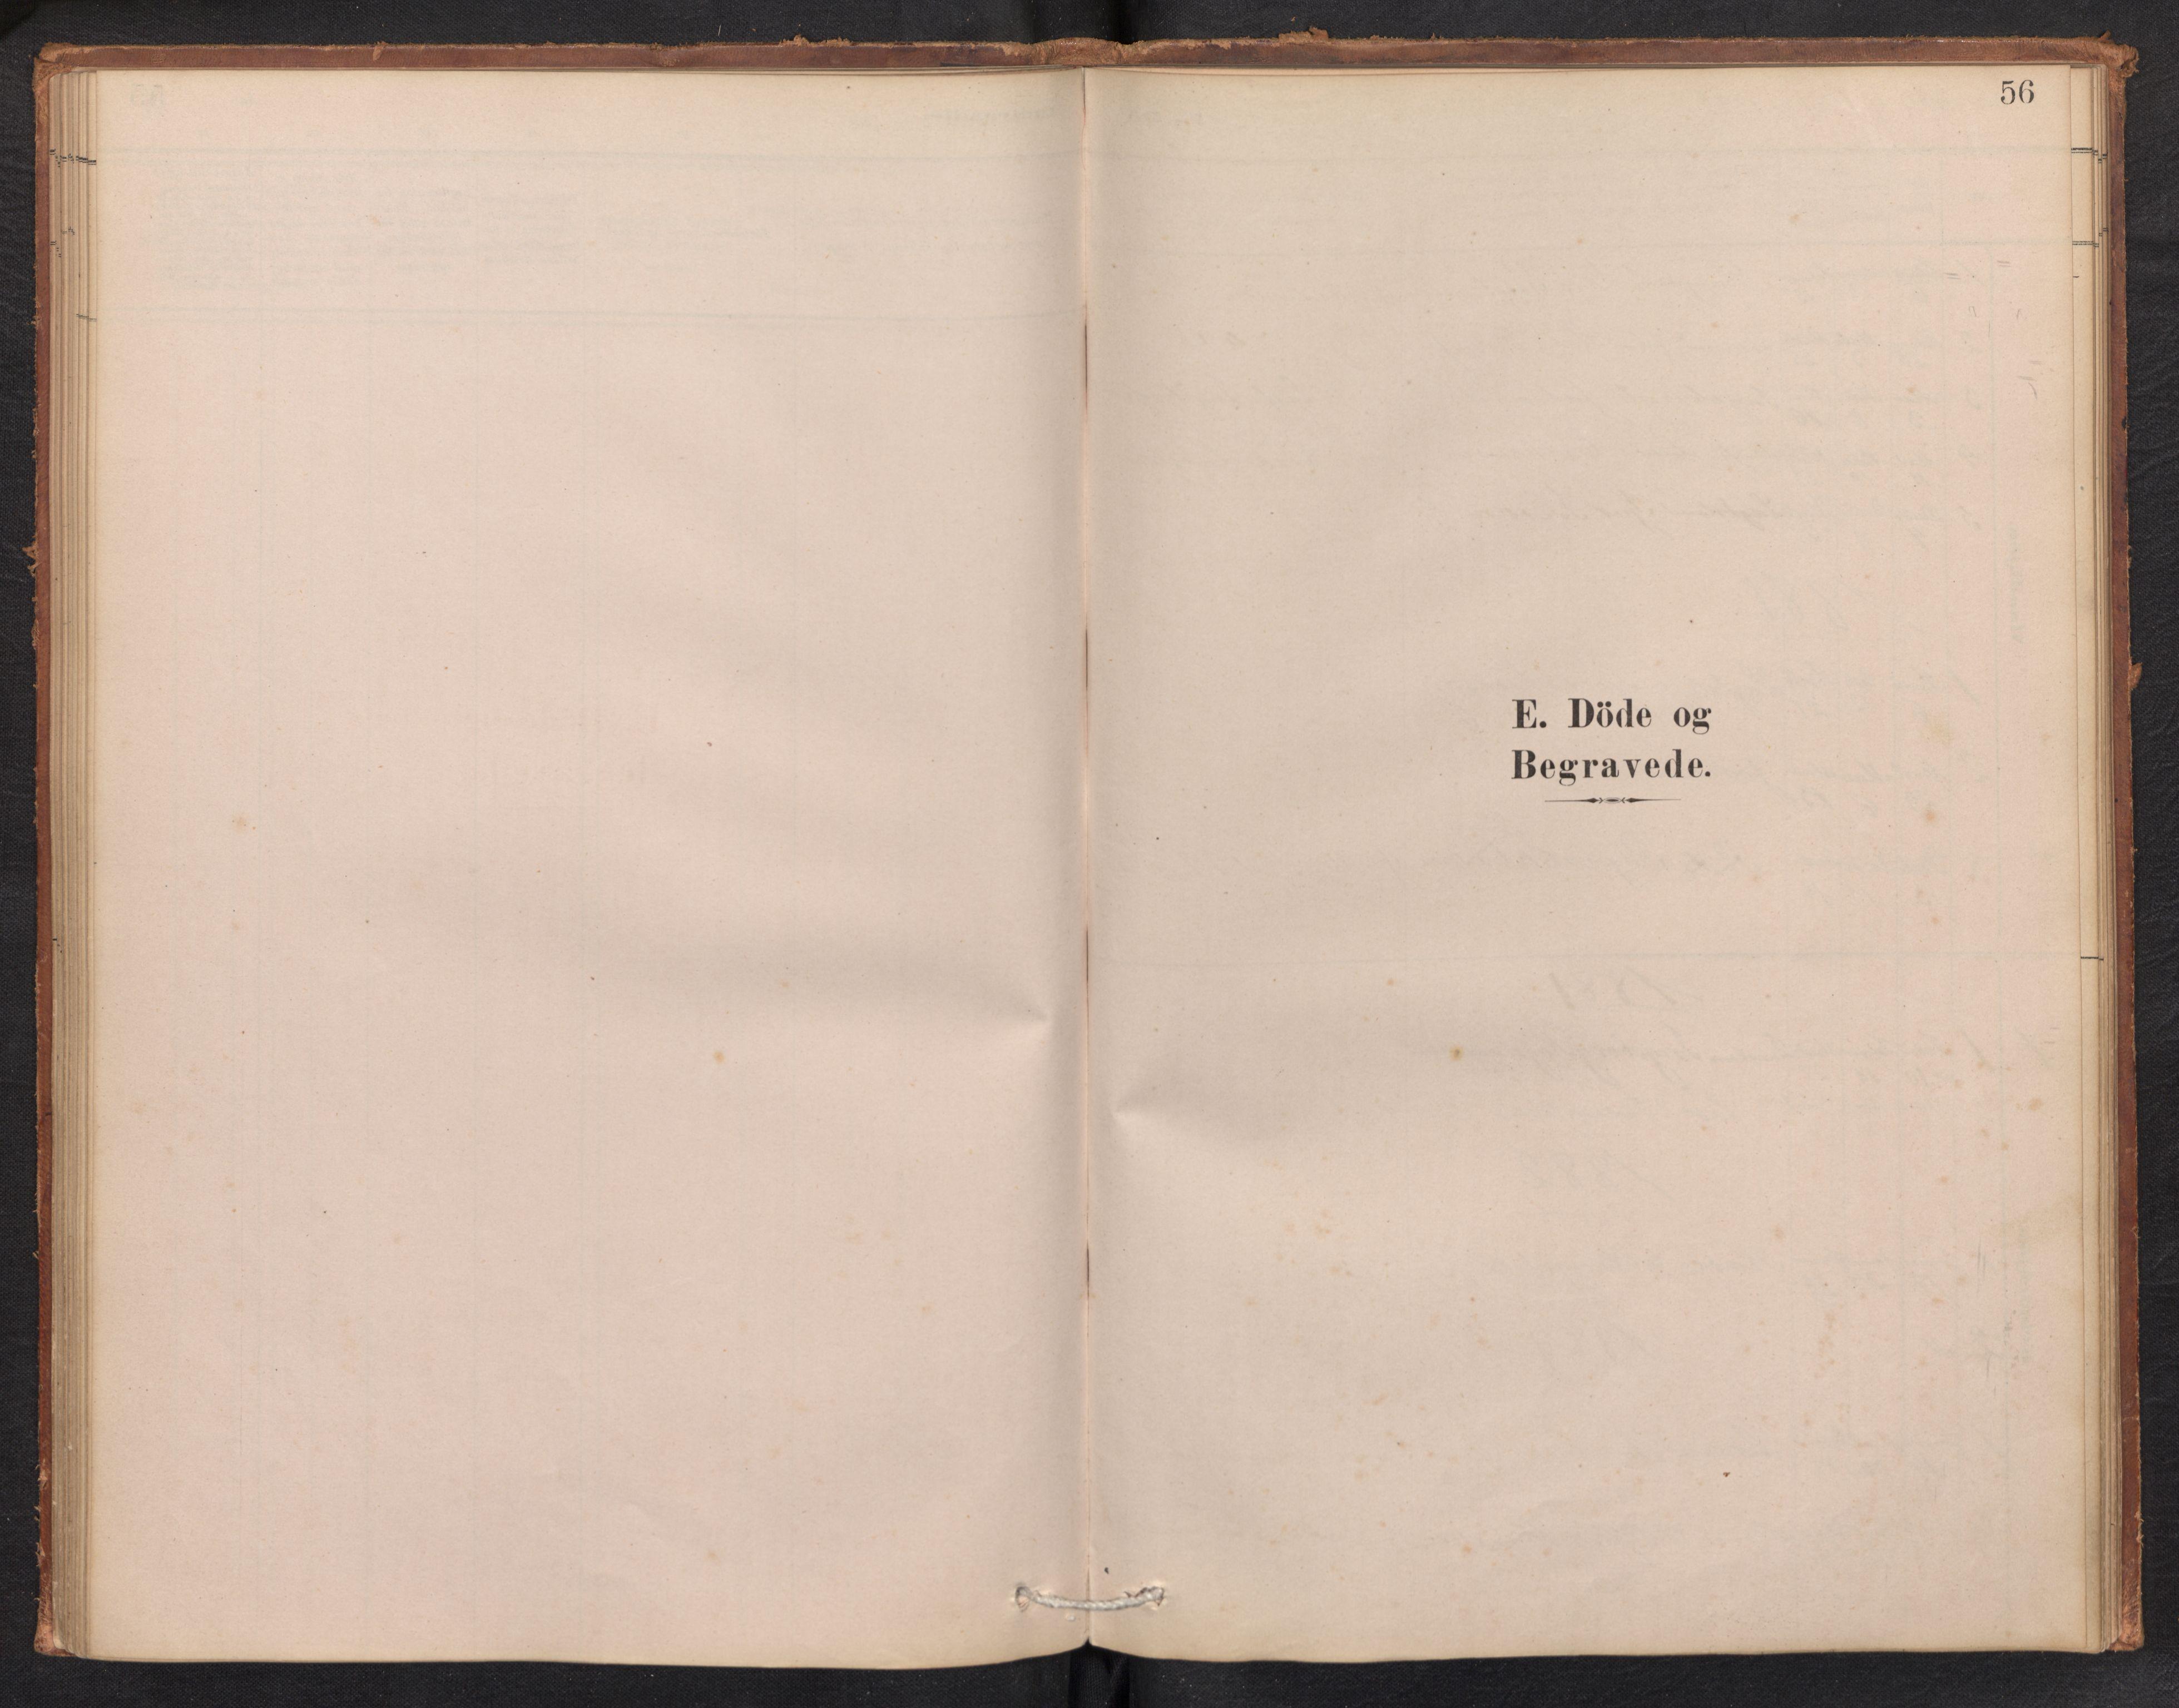 SAB, Aurland Sokneprestembete*, Ministerialbok nr. E 1, 1880-1907, s. 55b-56a